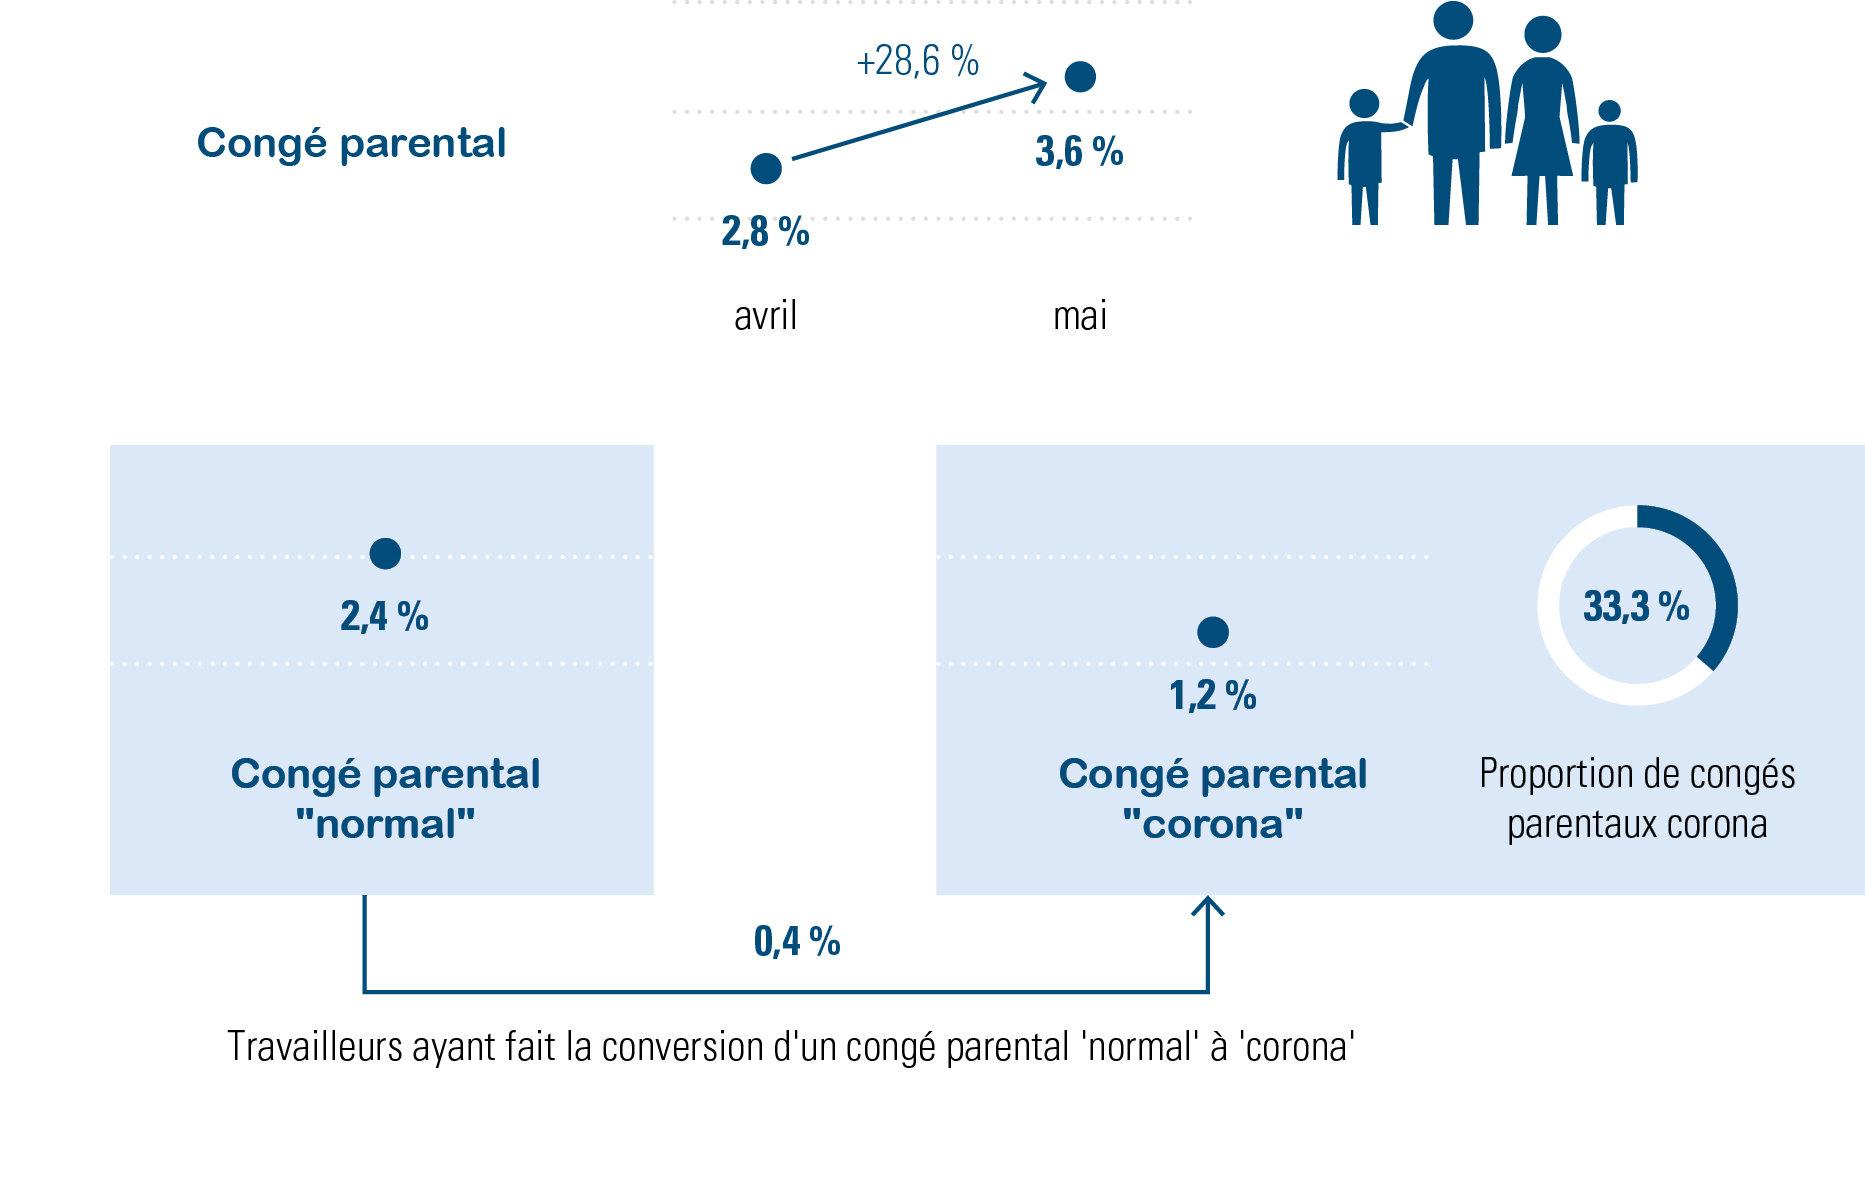 Figure 1 : Congés parentaux (corona), pourcentages basés sur les calculs des salaires de 147 500 travailleurs belges